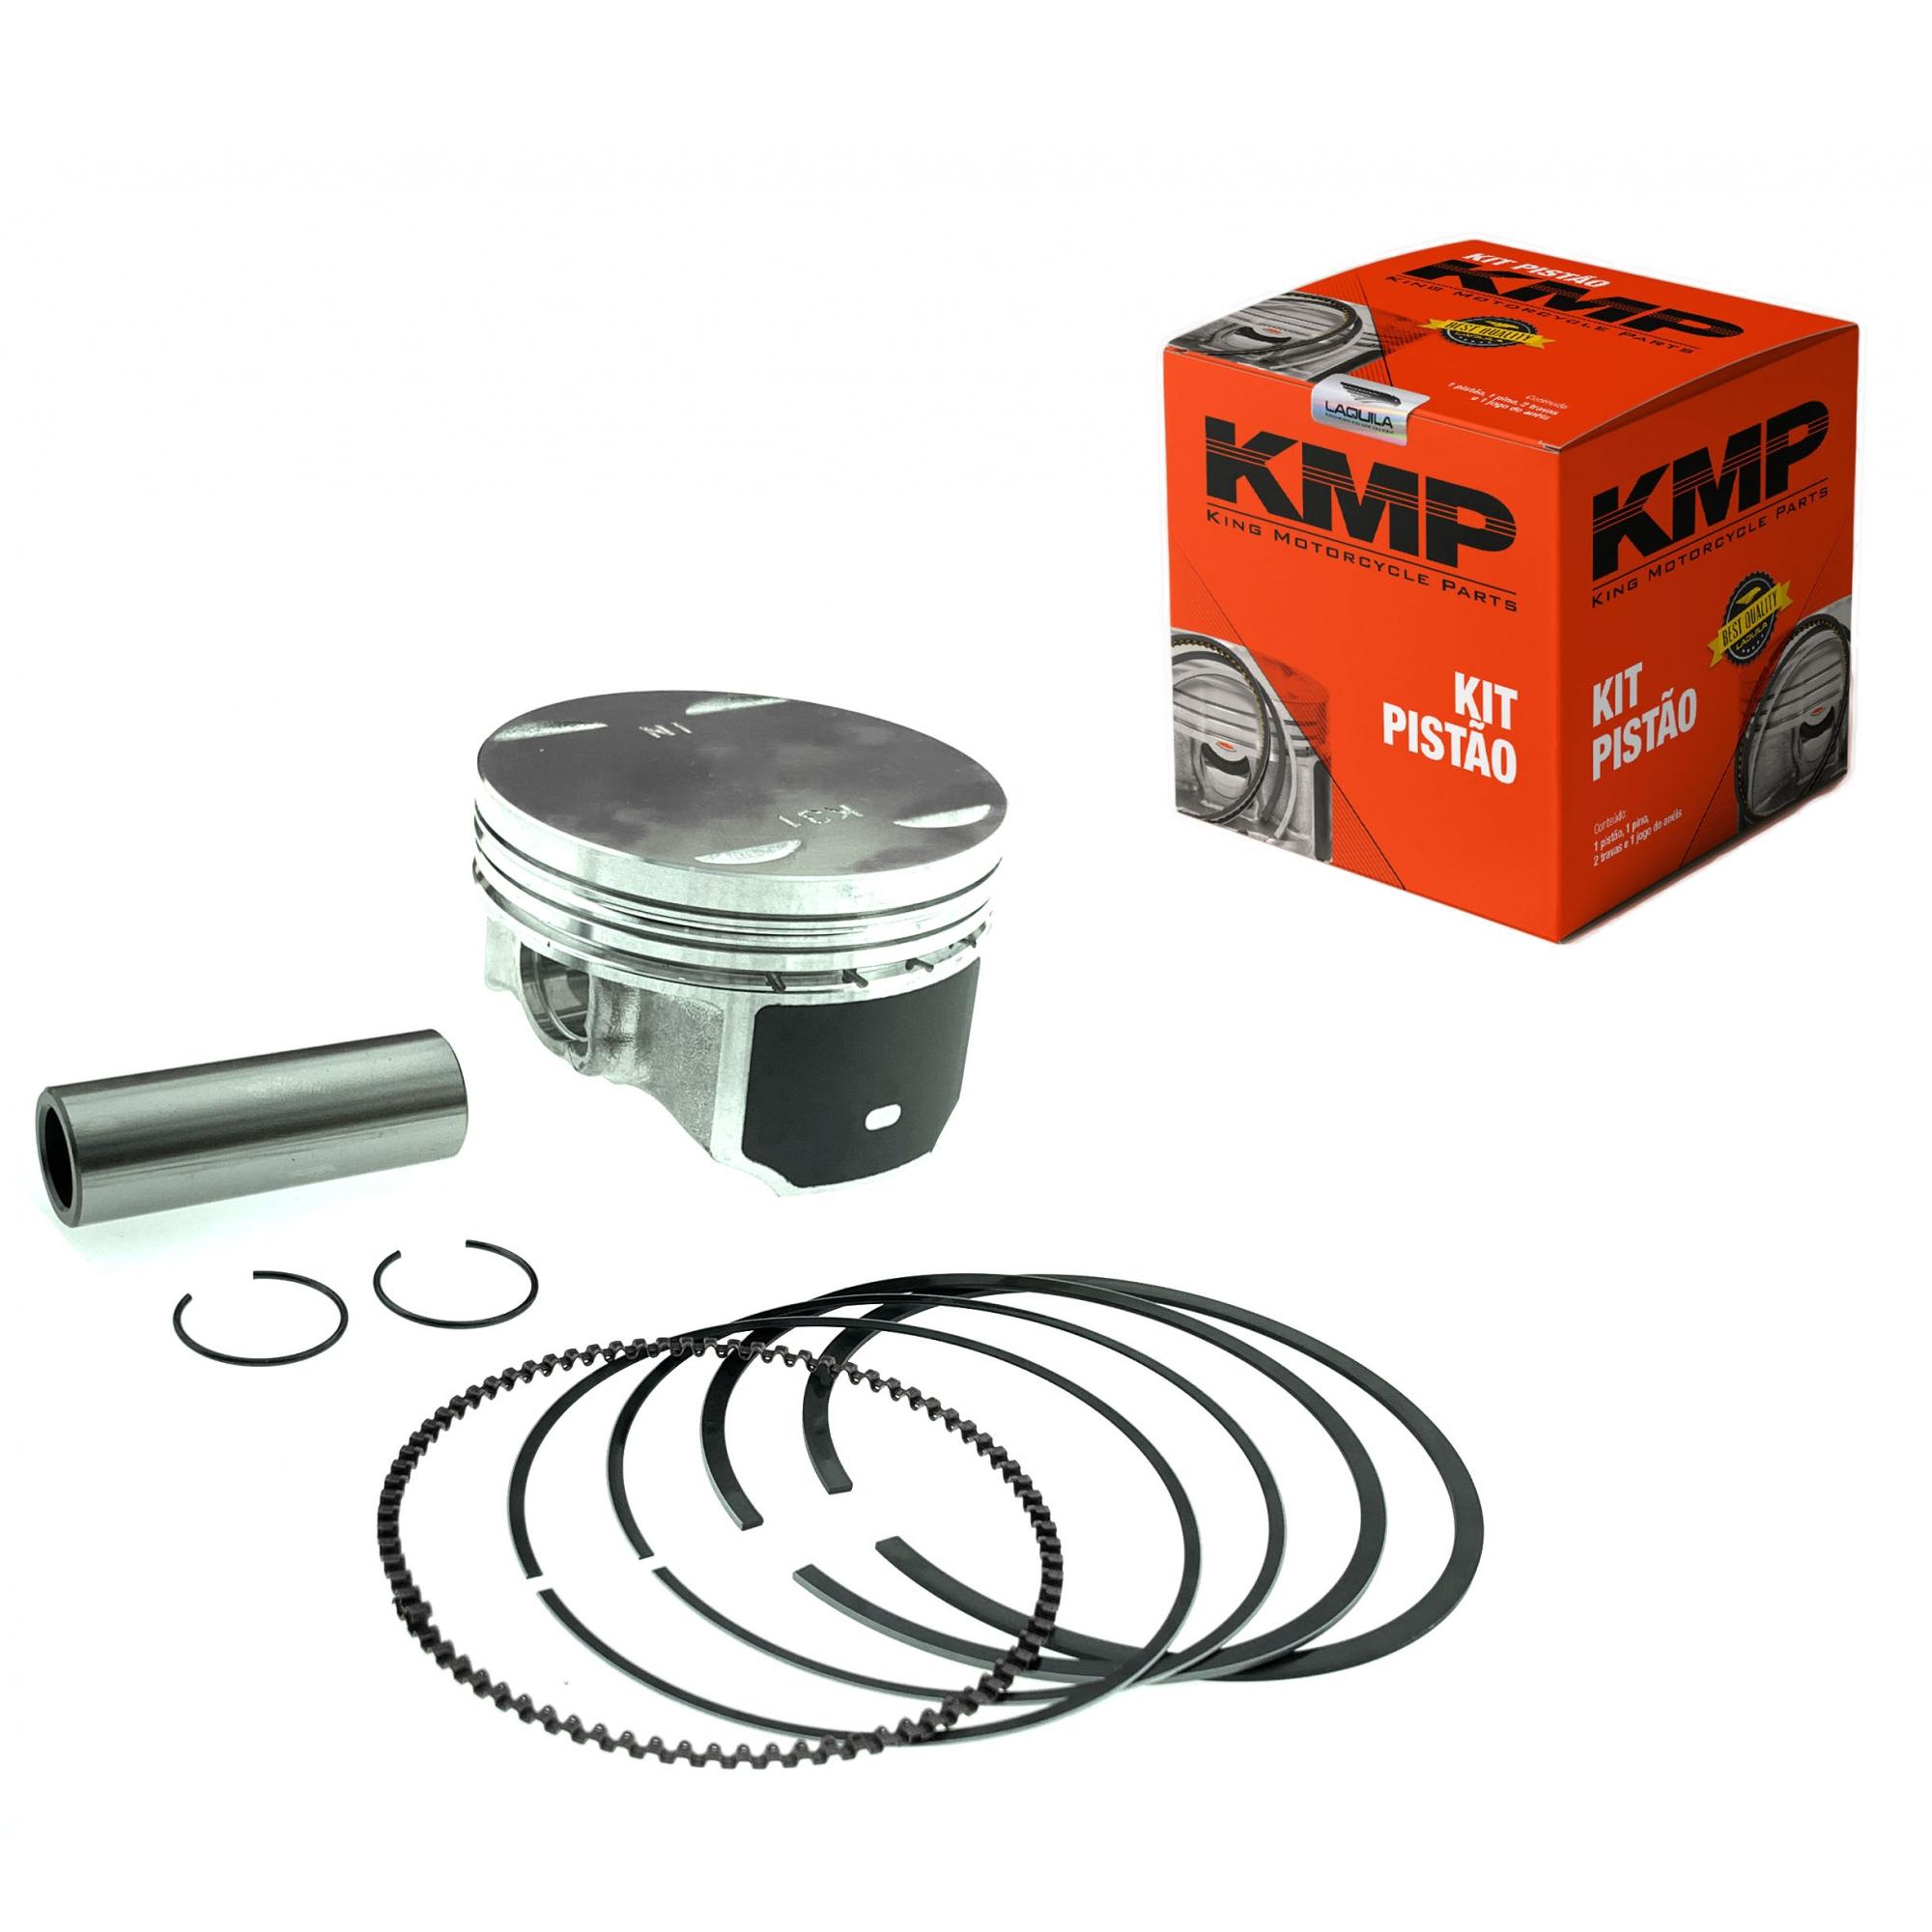 Kit Pistão Kmp Cb 250 Twister Crf 250f